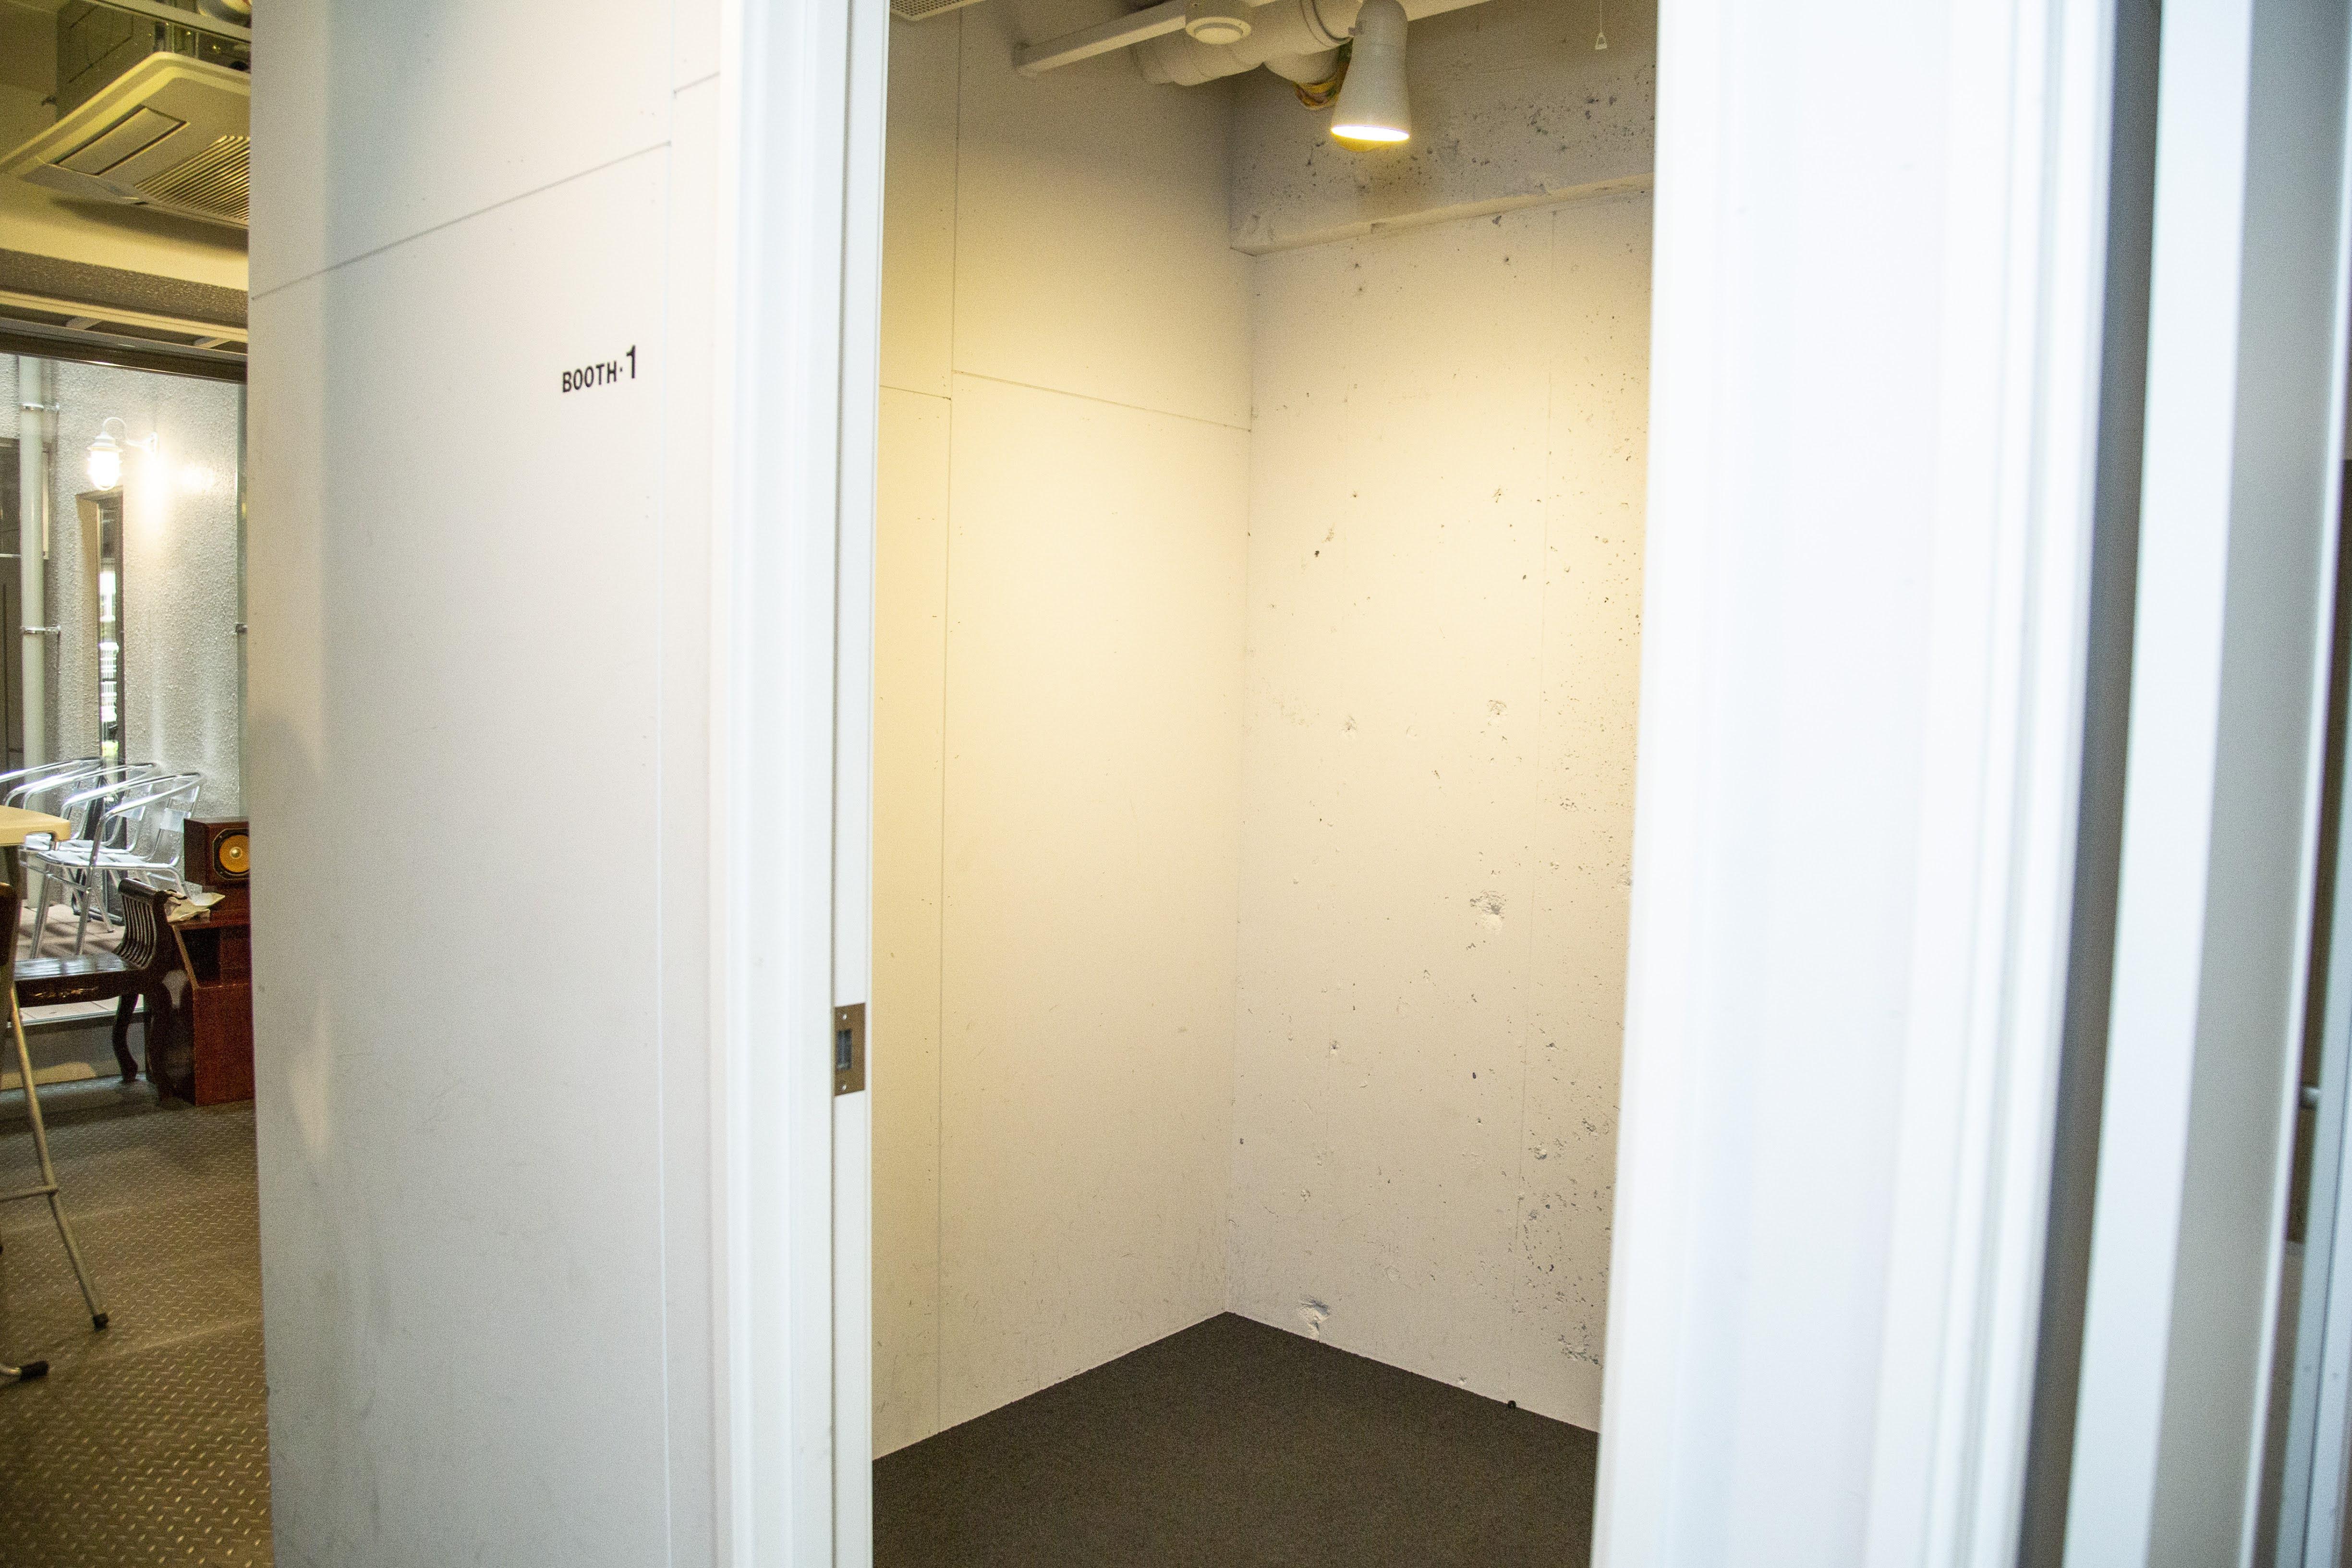 スタジオアパートメントKICHI Booth1の室内の写真